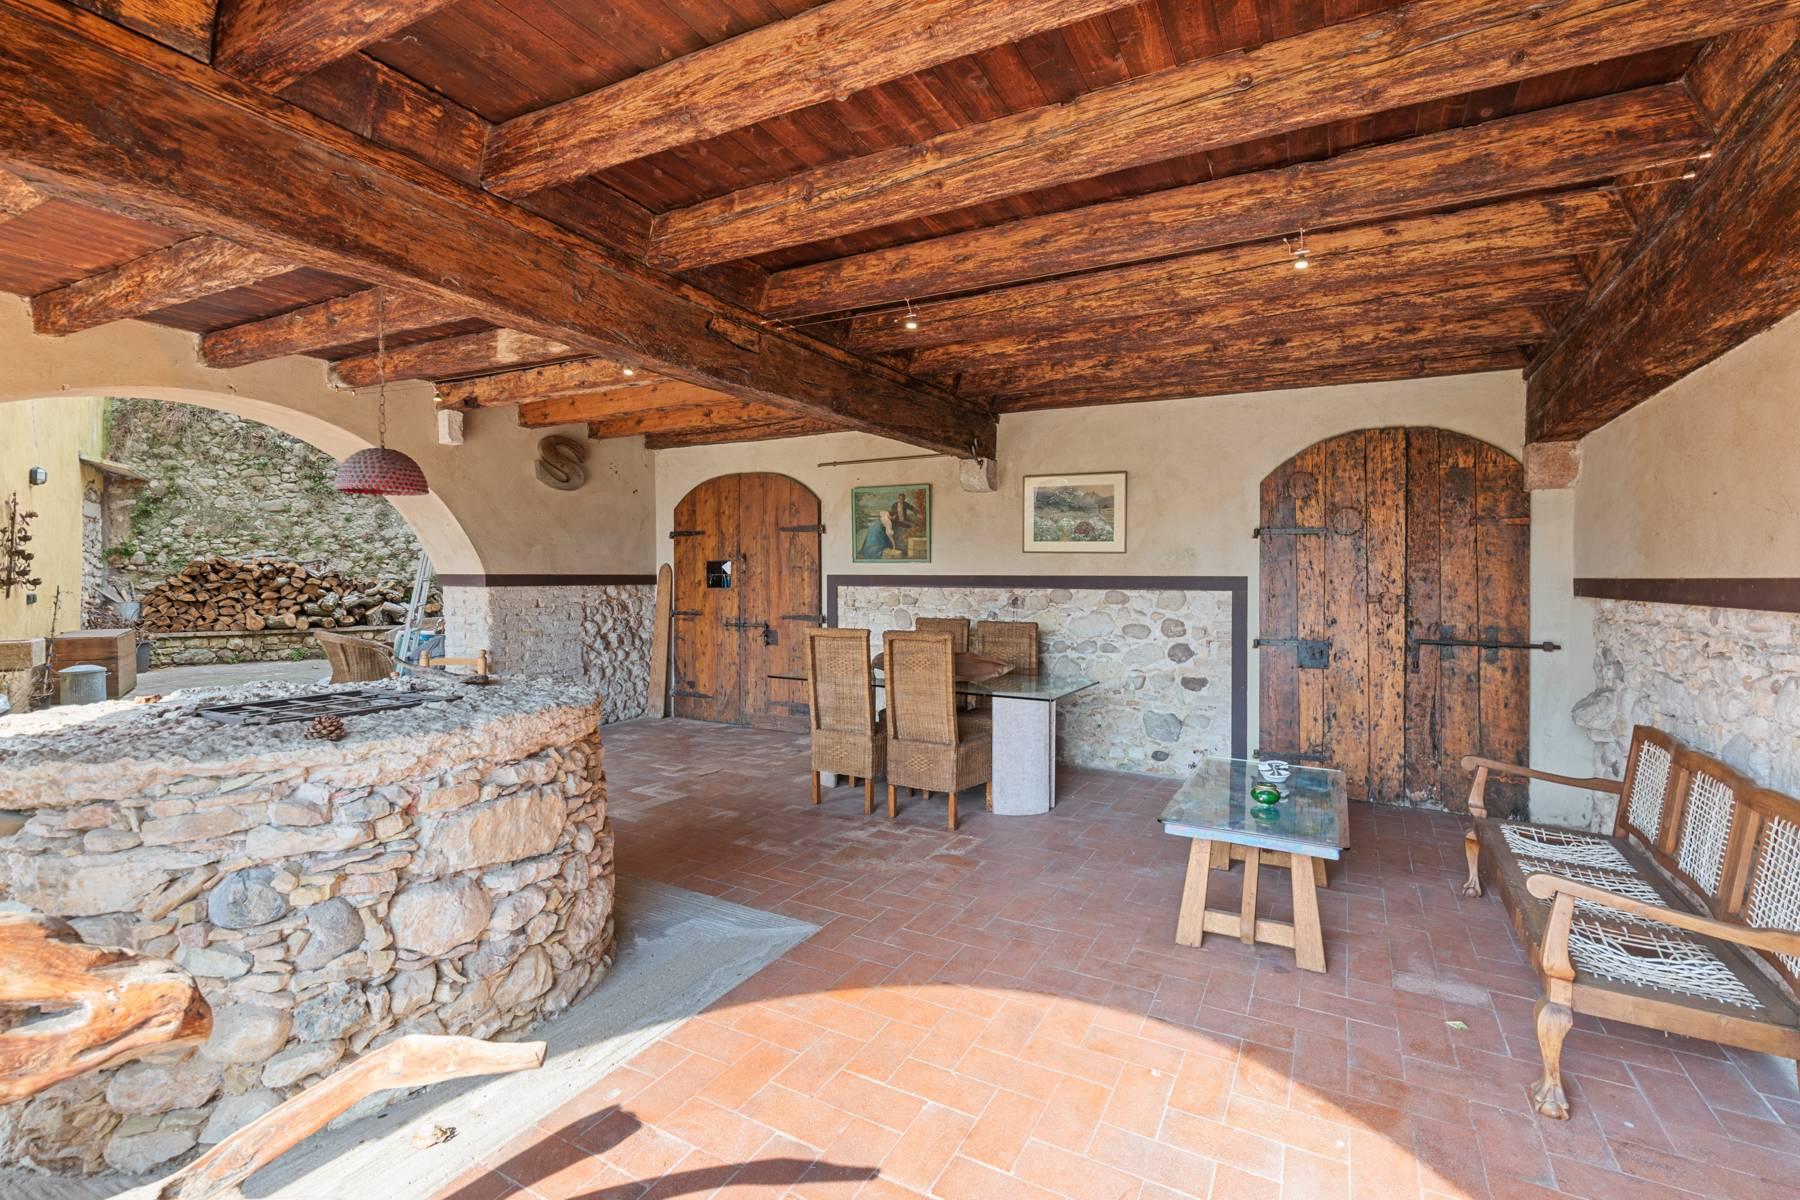 Rustico in Vendita a Caprino Veronese: 5 locali, 770 mq - Foto 2